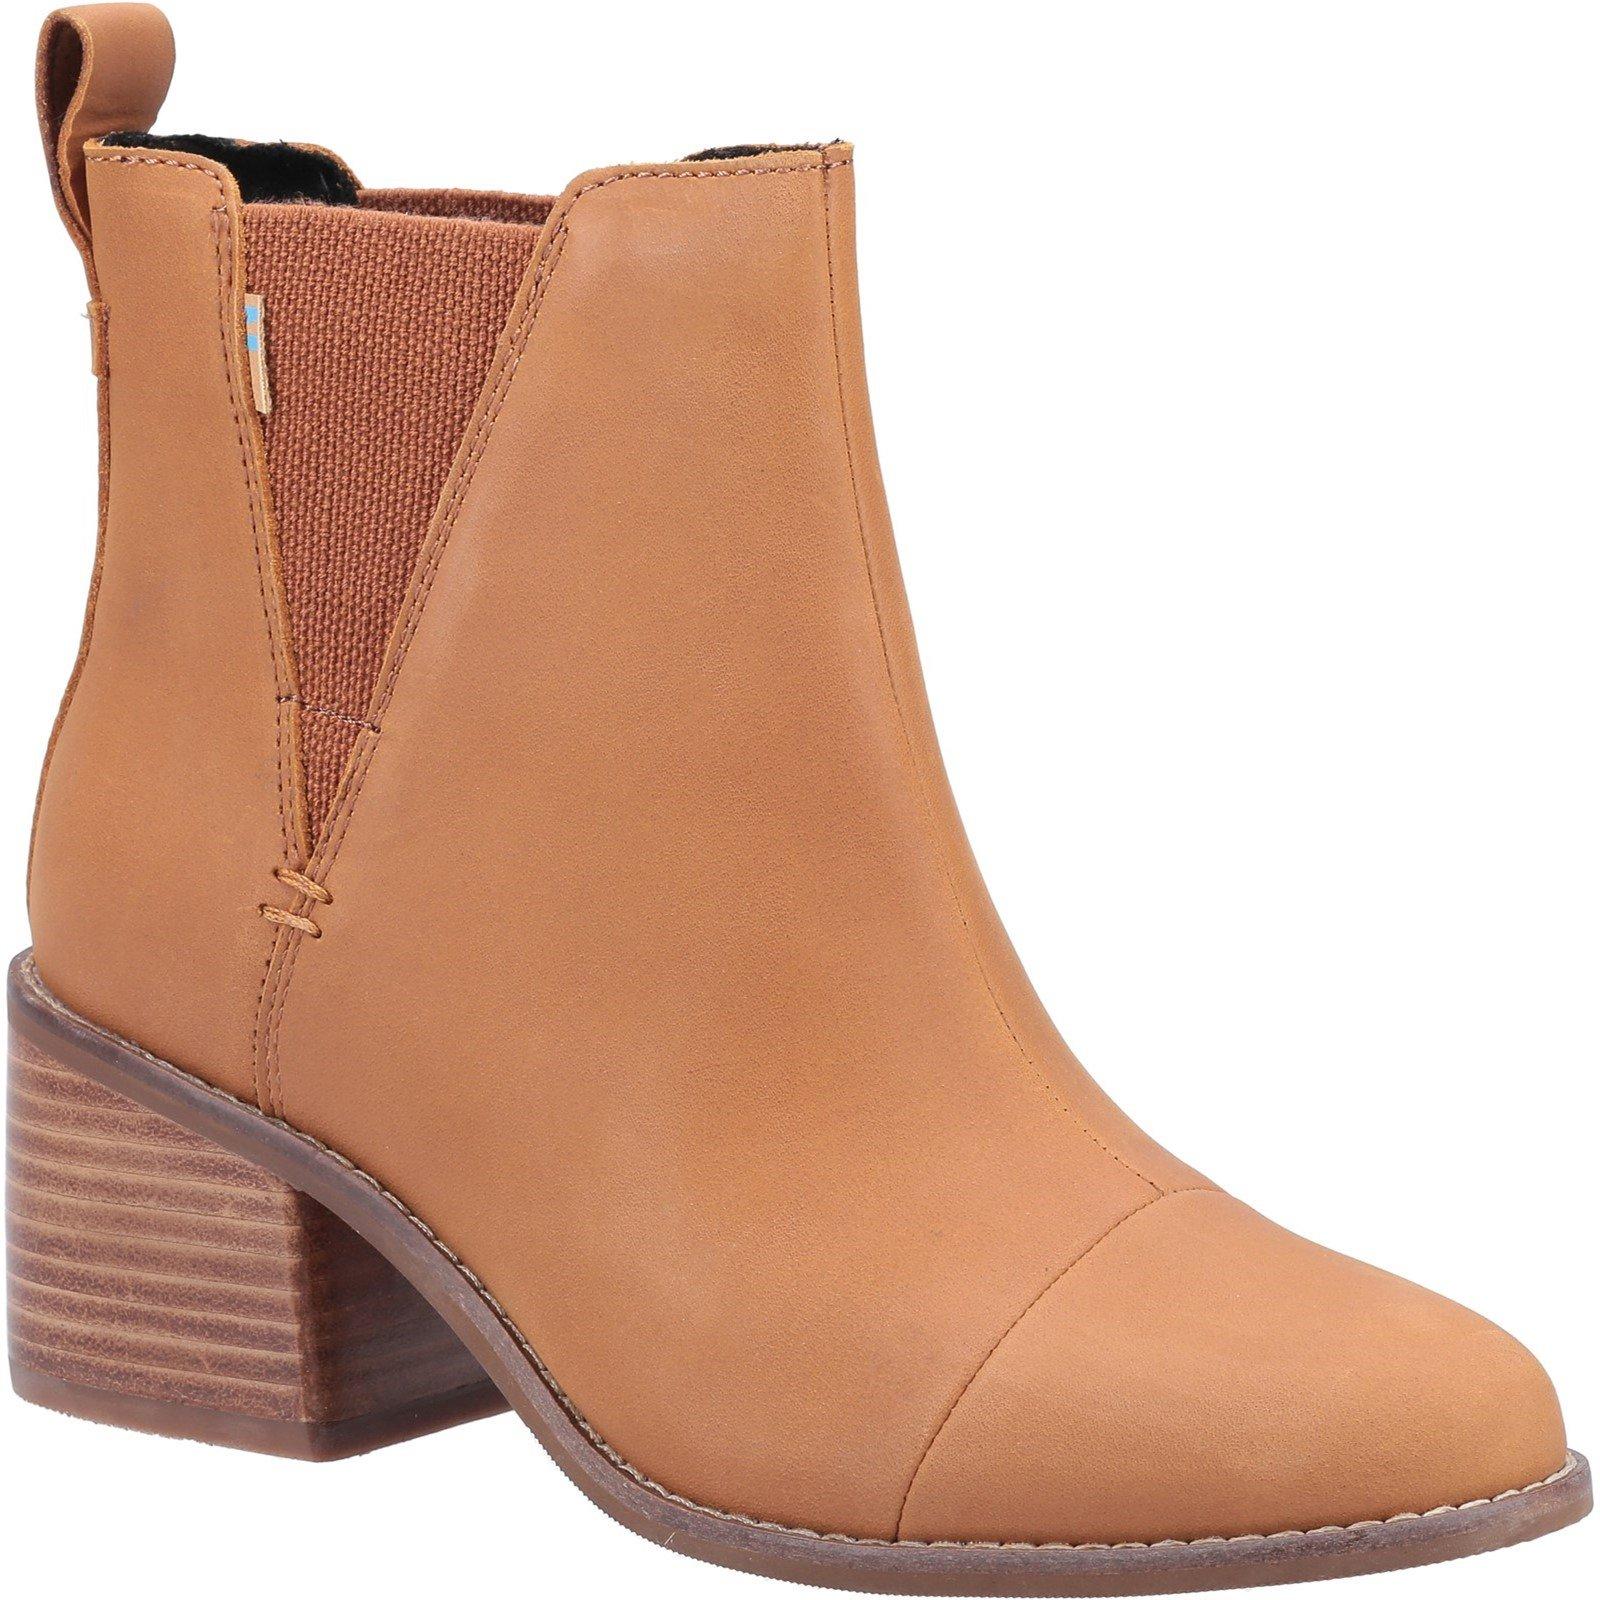 TOMS Women's Esme Boot Tan 32645 - Tan 7